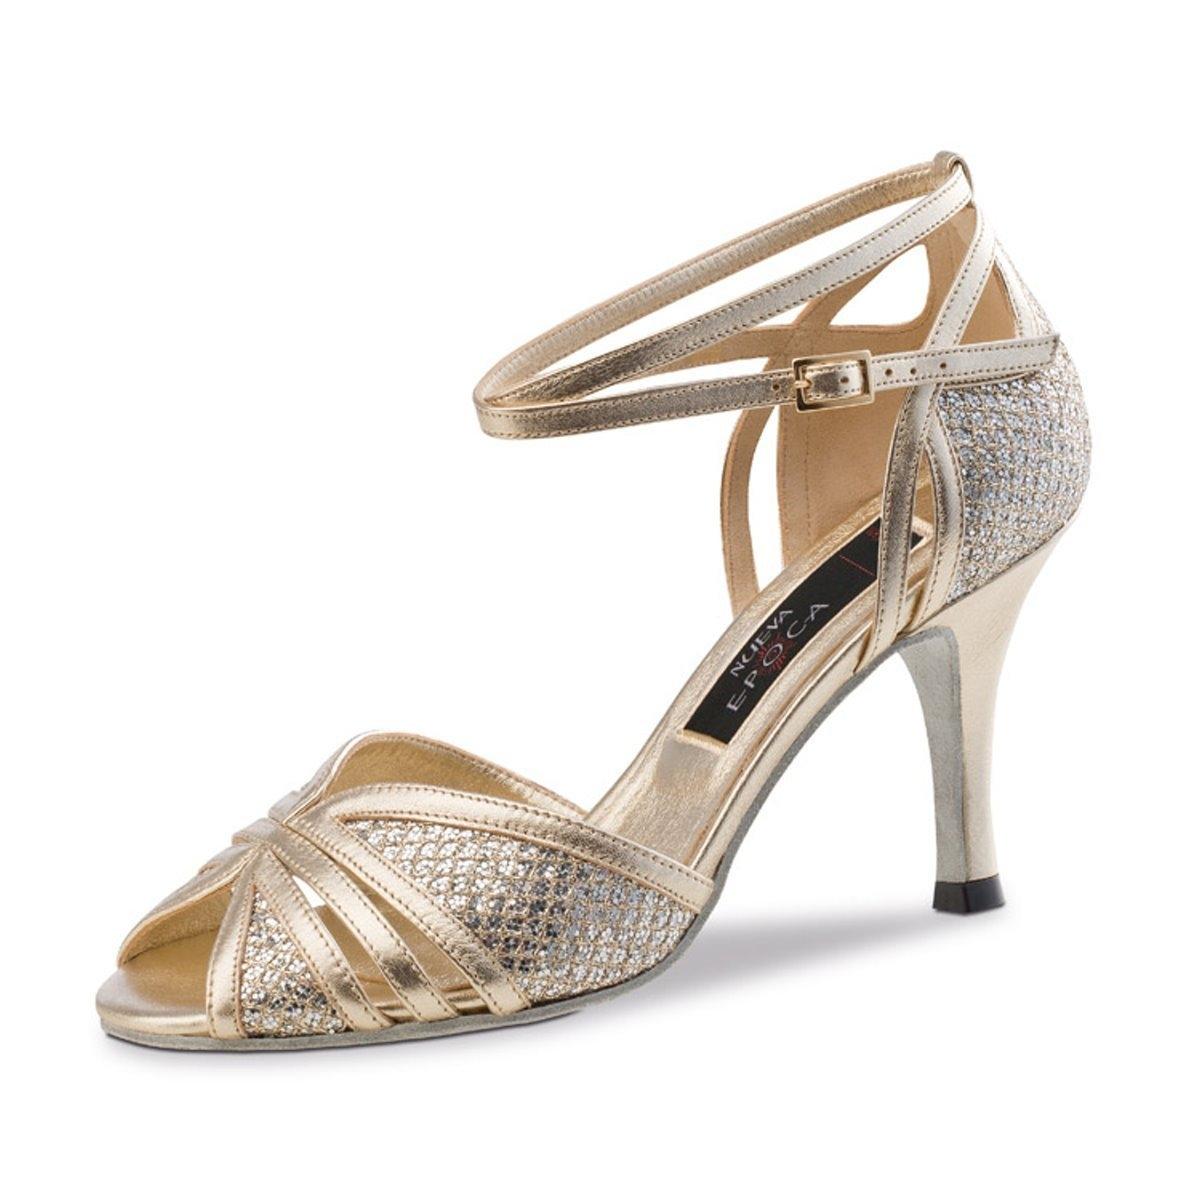 3f56d086 zapato de salsa y bachata para mujer brillantes de piel y platino